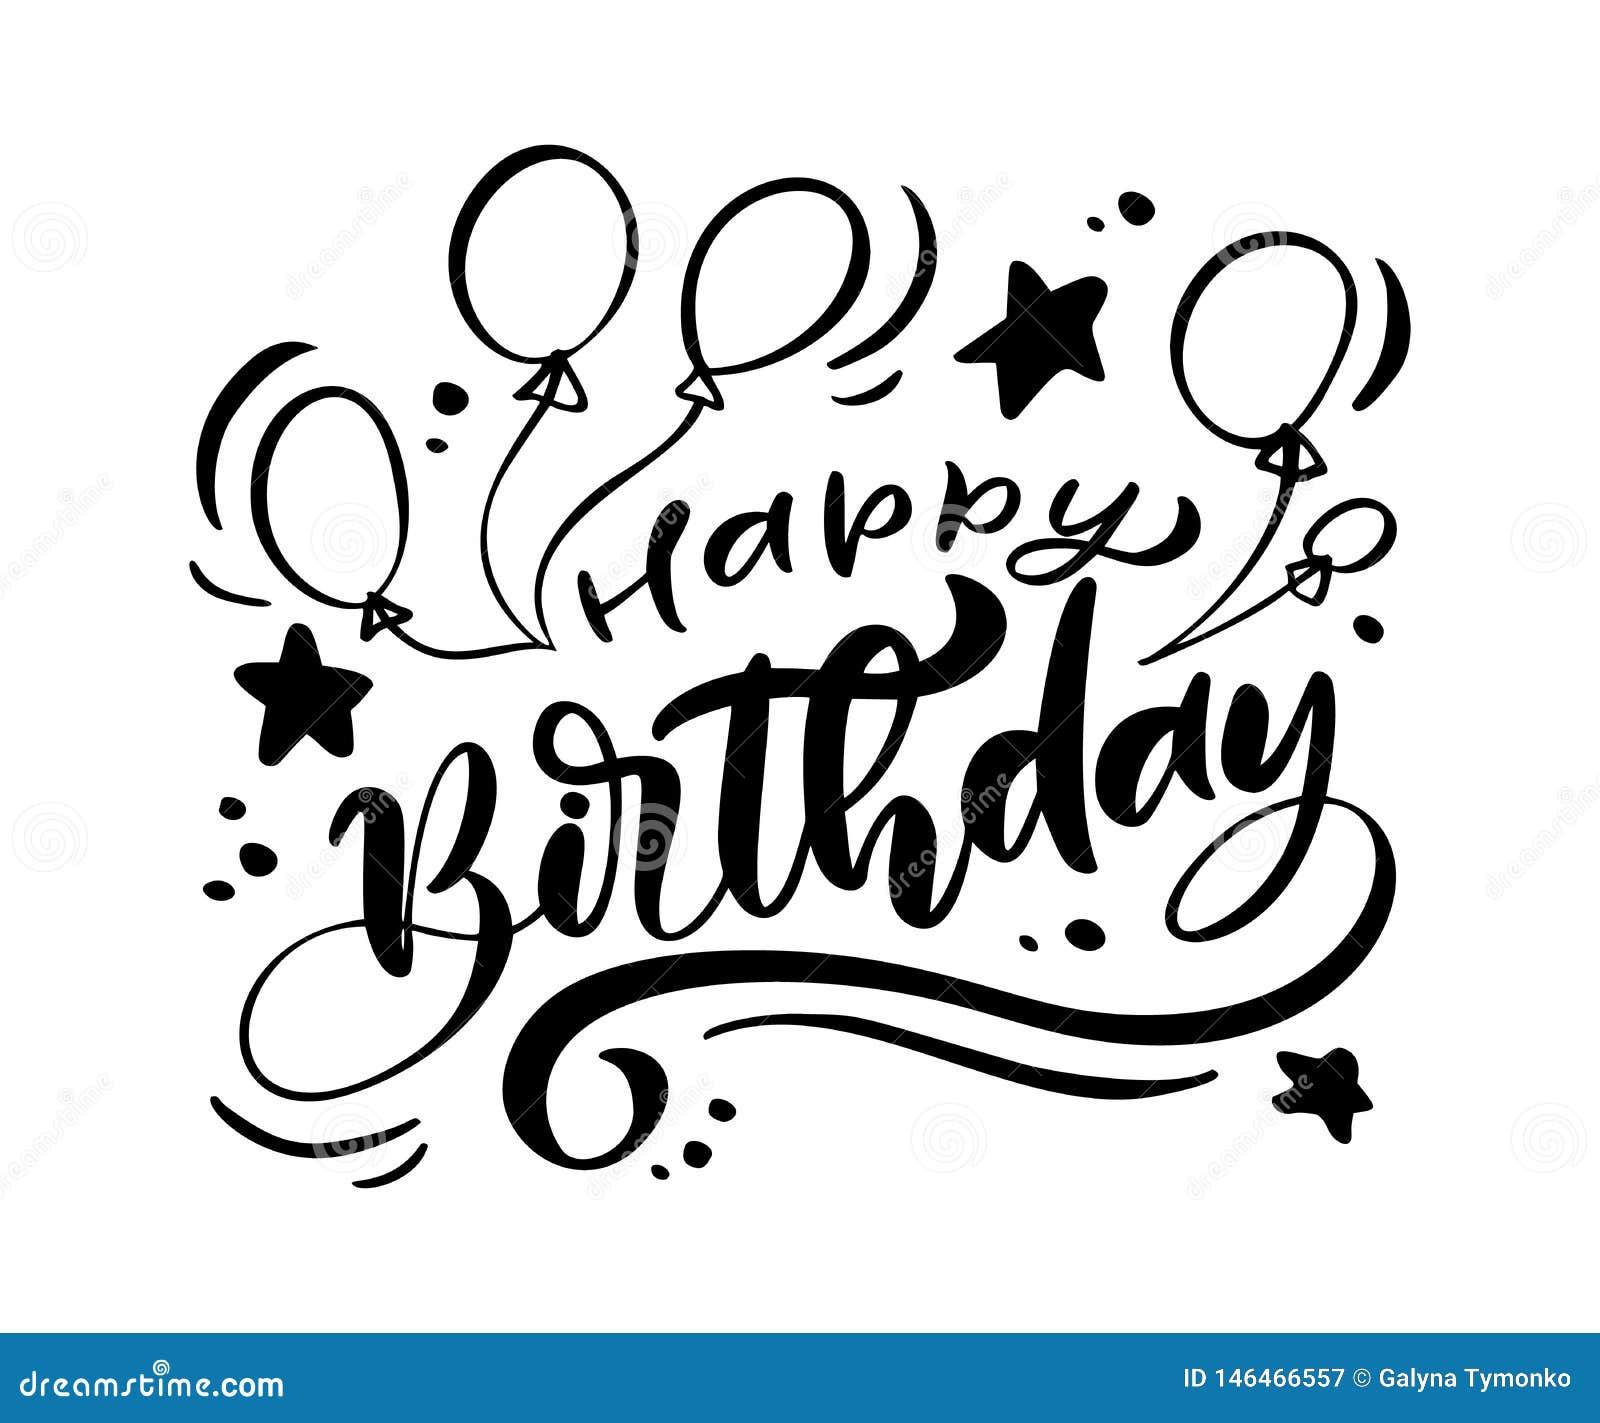 Letras modernas manuscritas del cepillo del ejemplo del vector del texto del feliz cumpleaños en el fondo blanco Dise?o dibujado